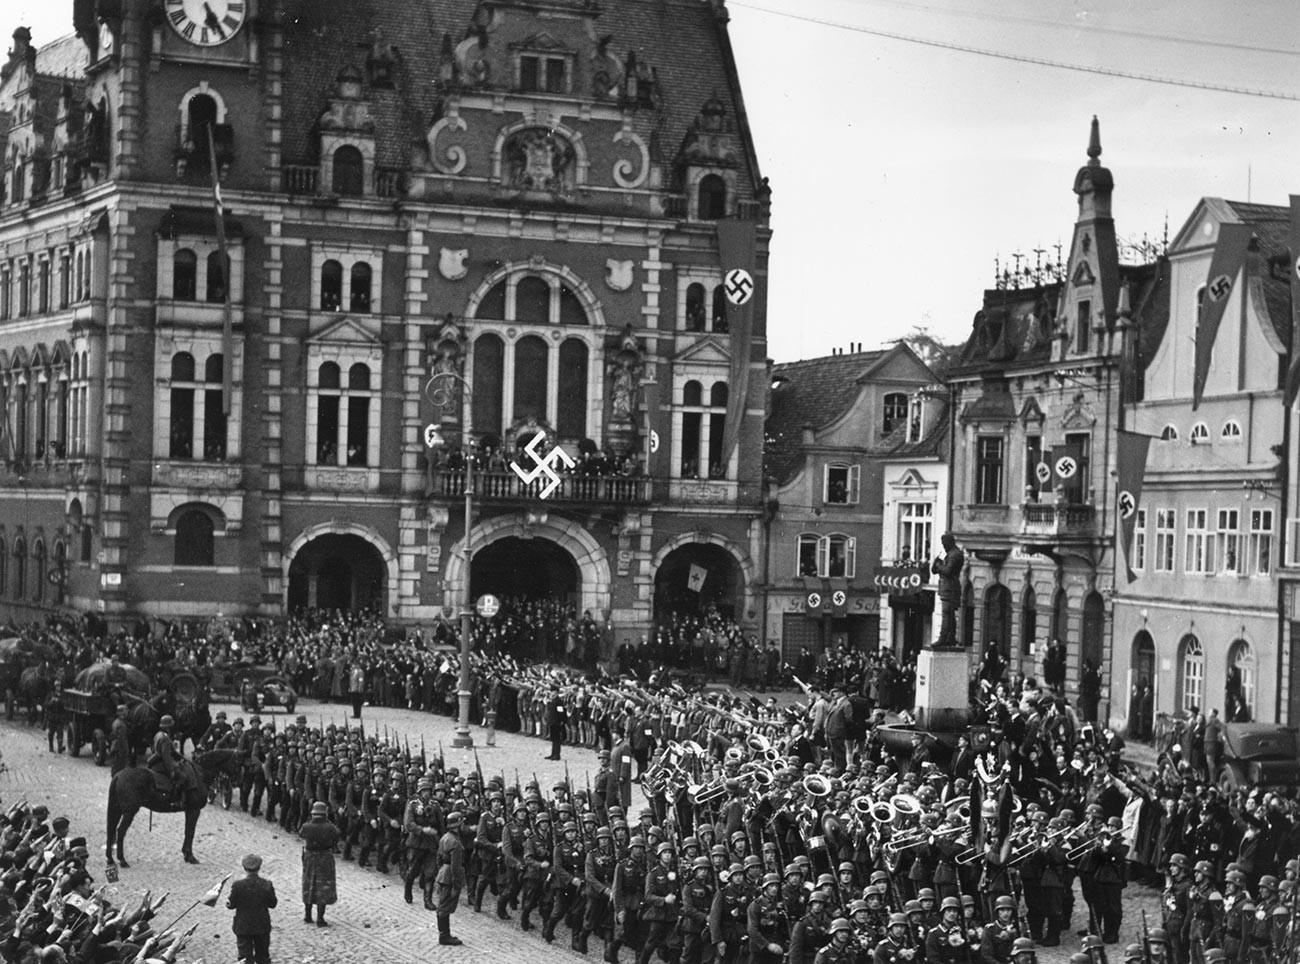 Les troupes de l'armée allemande défilent en territoire tchécoslovaque sur la place de la ville de Rumburk, qui a été décorée de bannières à croix gammée.